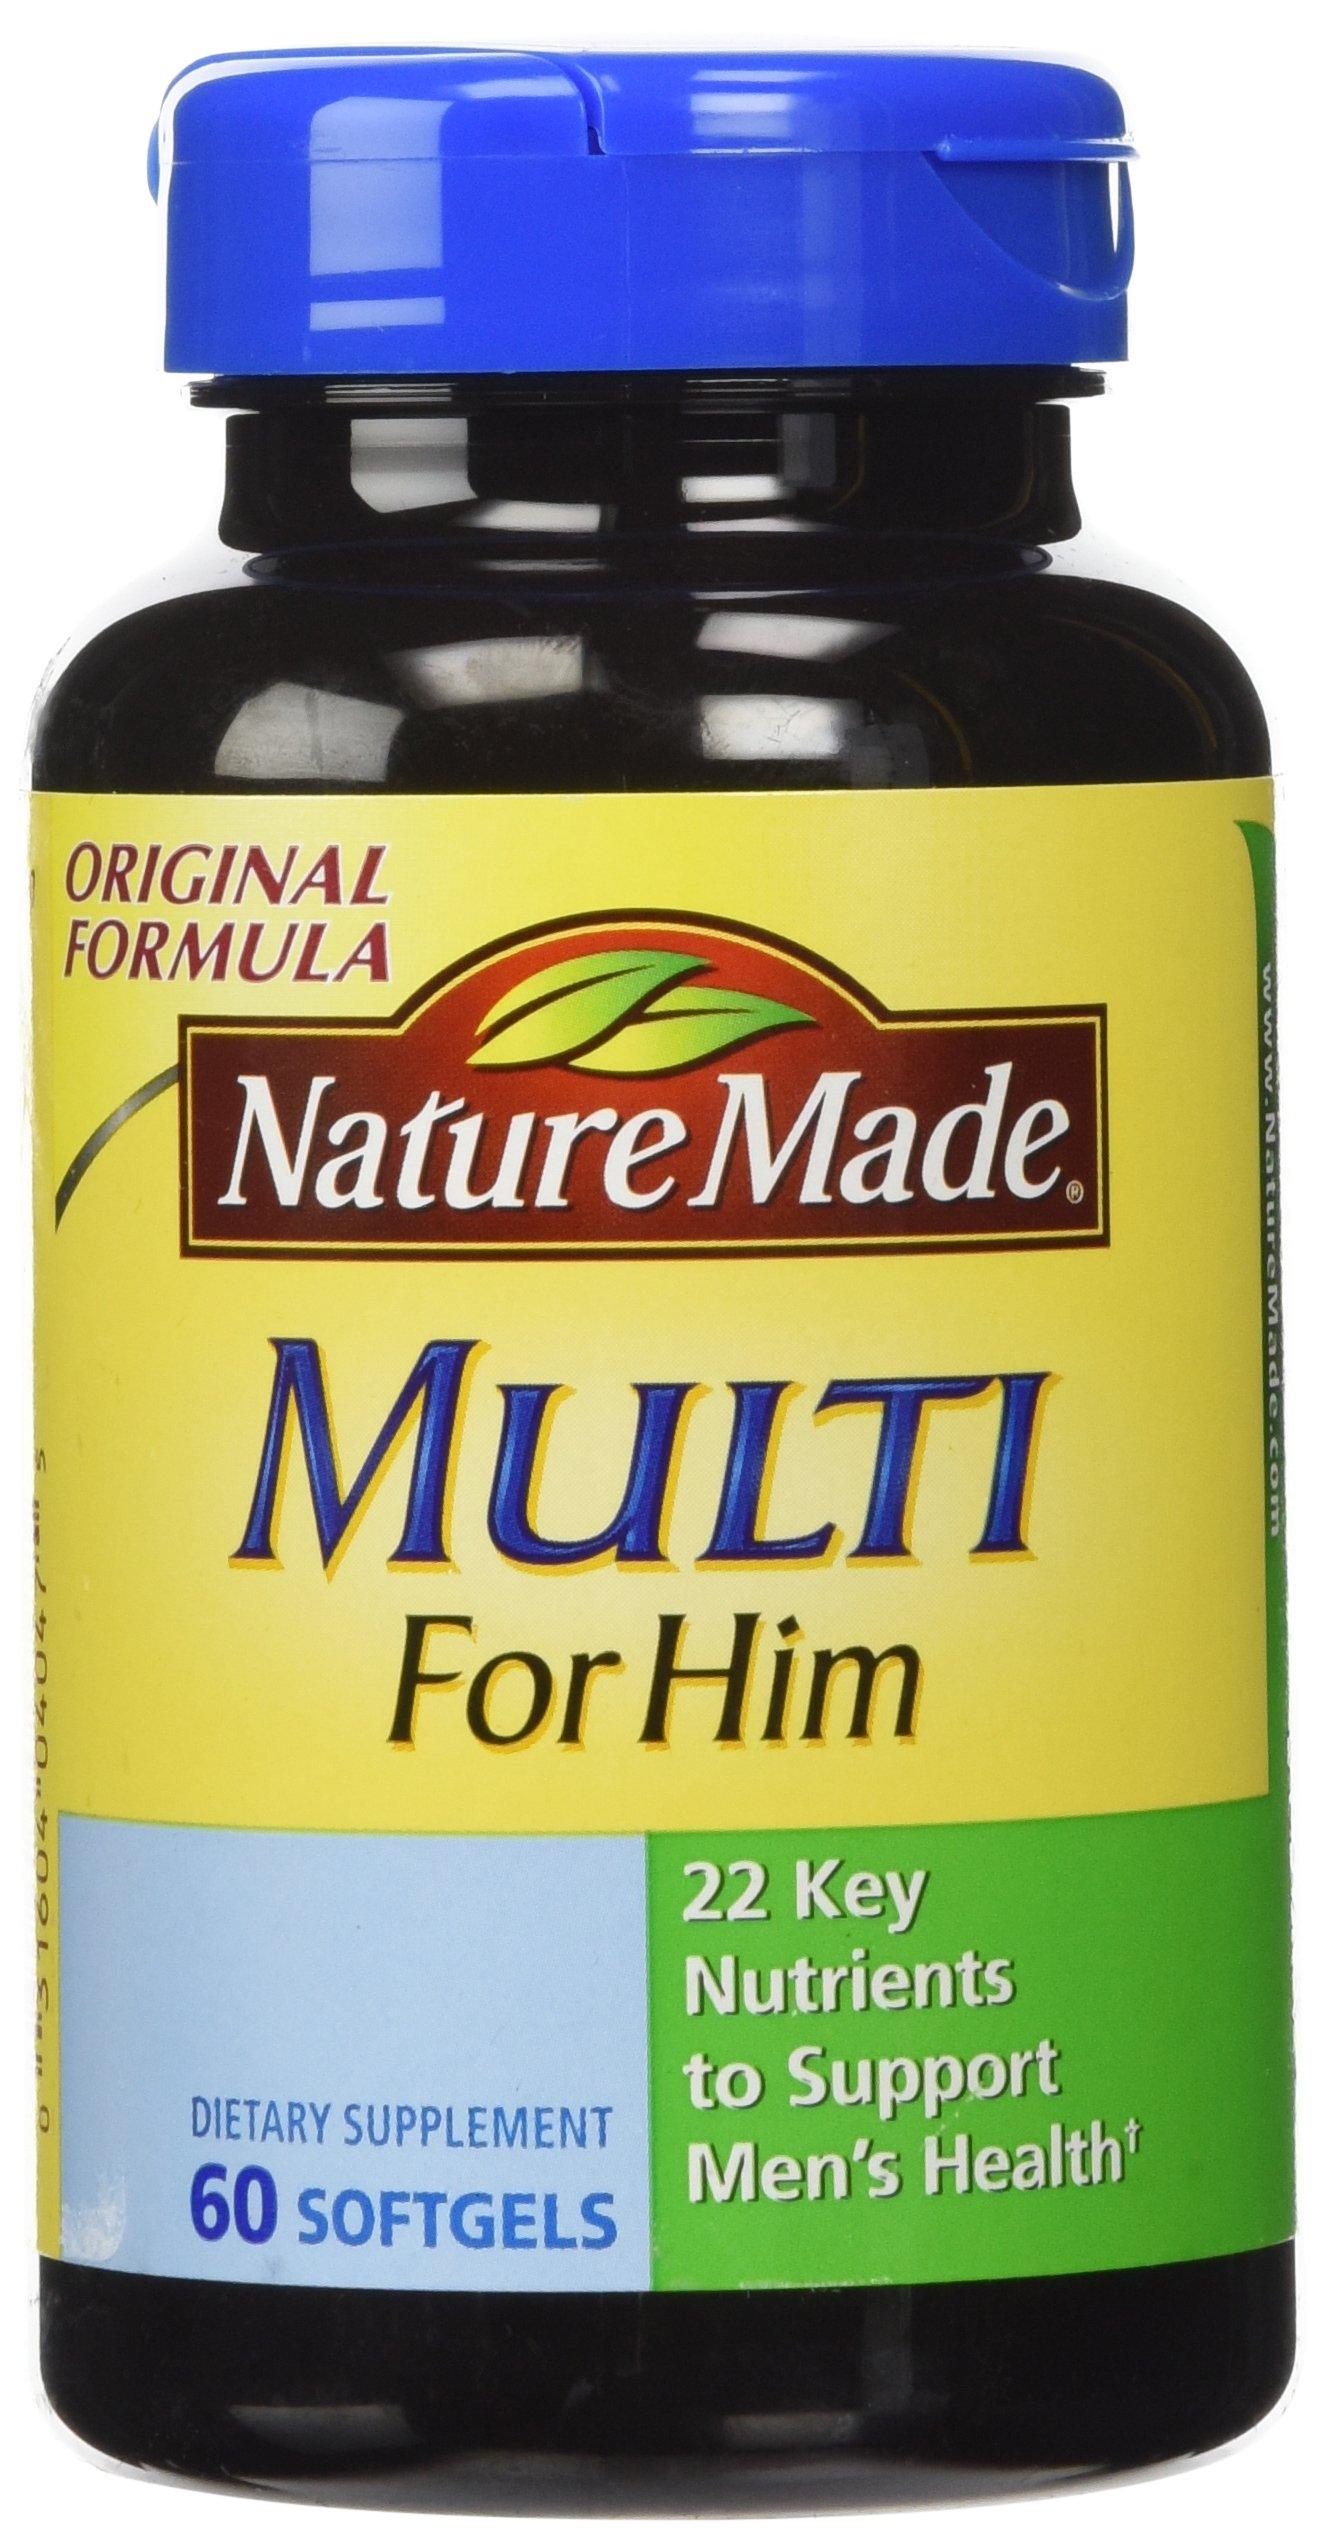 nature softgels multi calcium him formula iron liquid amazon ct dietary